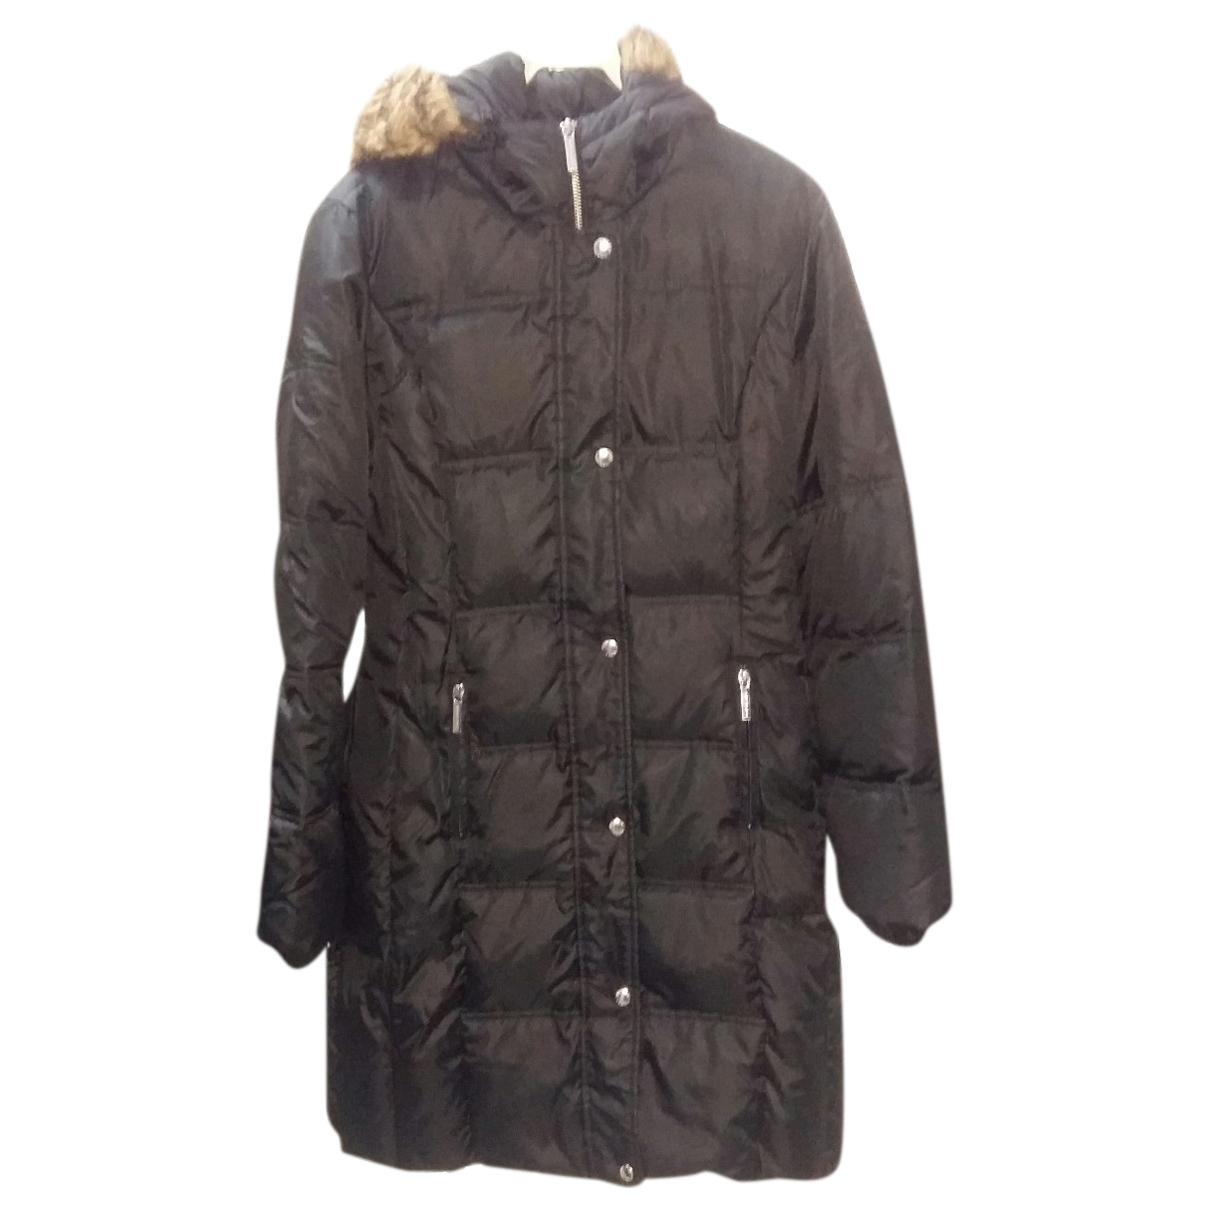 Michael Kors \N Black coat for Women S International